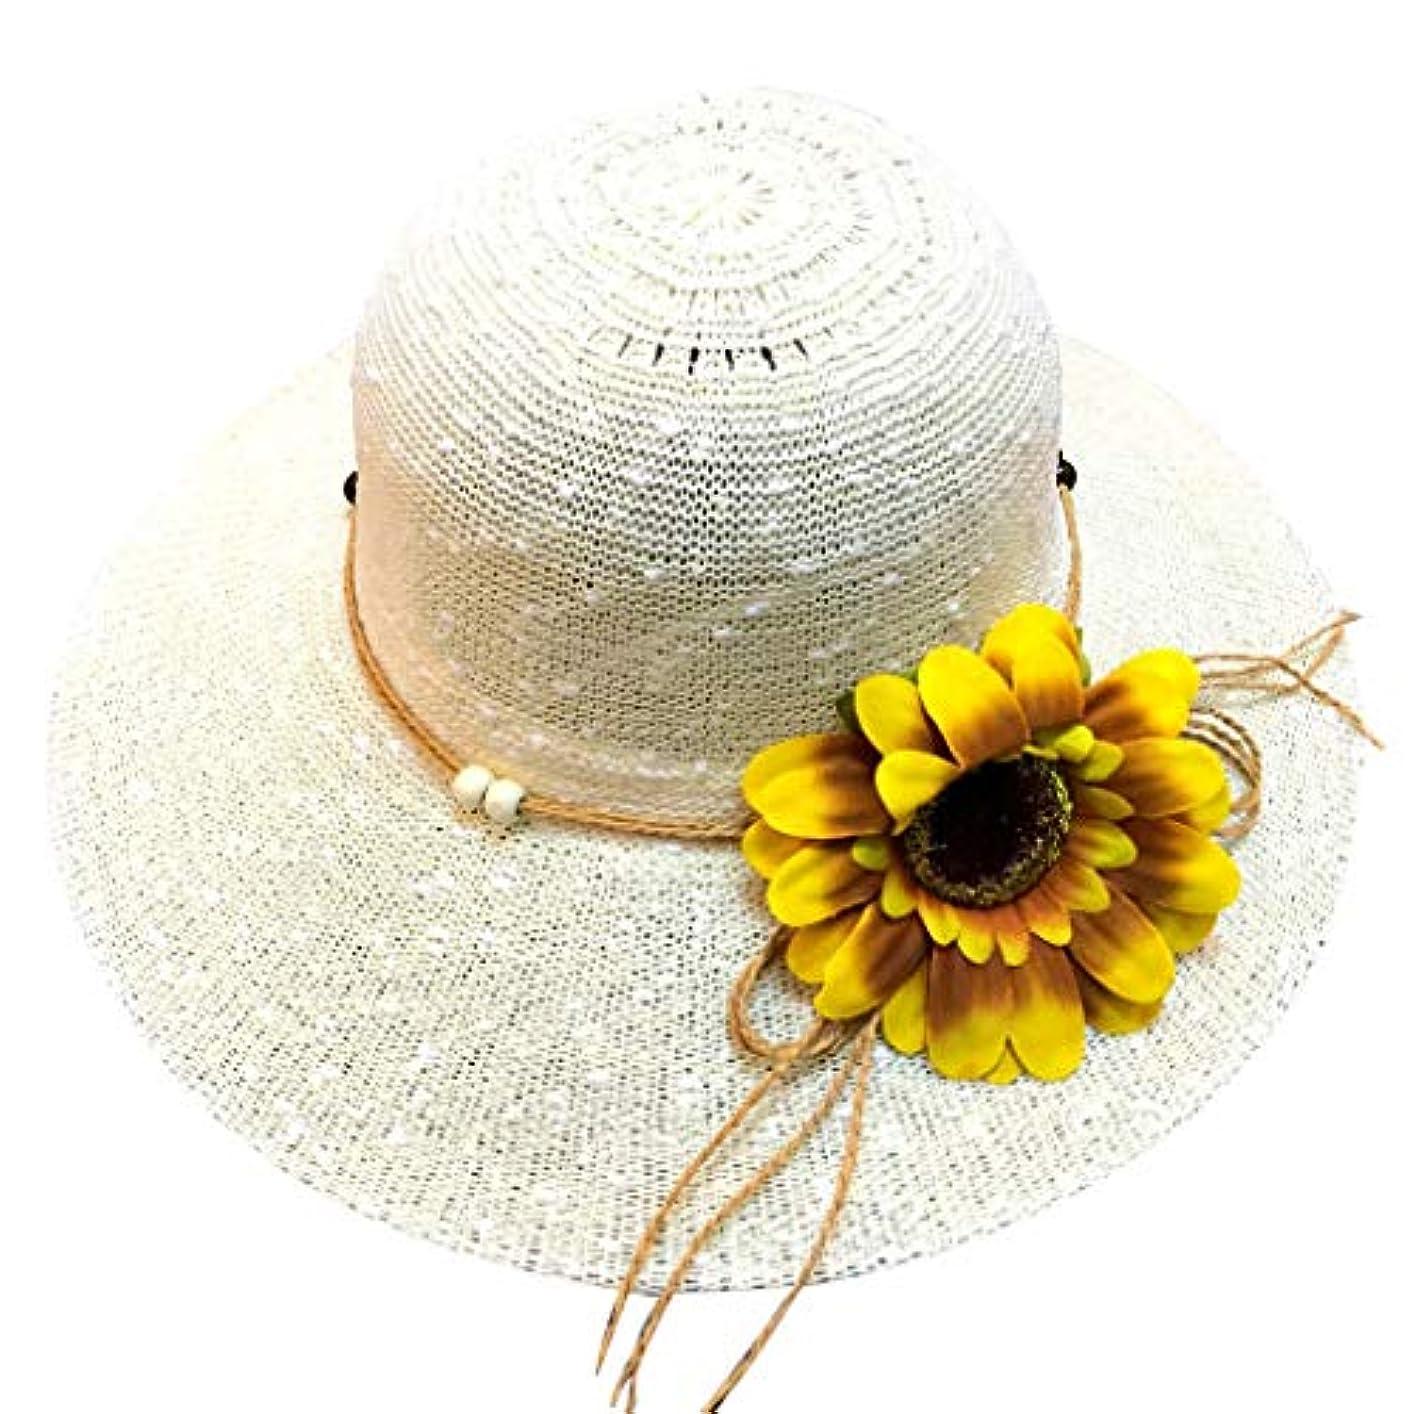 木材蒸し器綺麗な帽子 レディース アウトドア 夏 春 UVカット 帽子 ハット 漁師帽 日焼け防止 つば広 紫外線対策 大きいサイズ ひまわり 可愛い ハット 旅行用 日よけ 夏季 ビーチ 無地 ハット レディース 女性 ROSE ROMAN